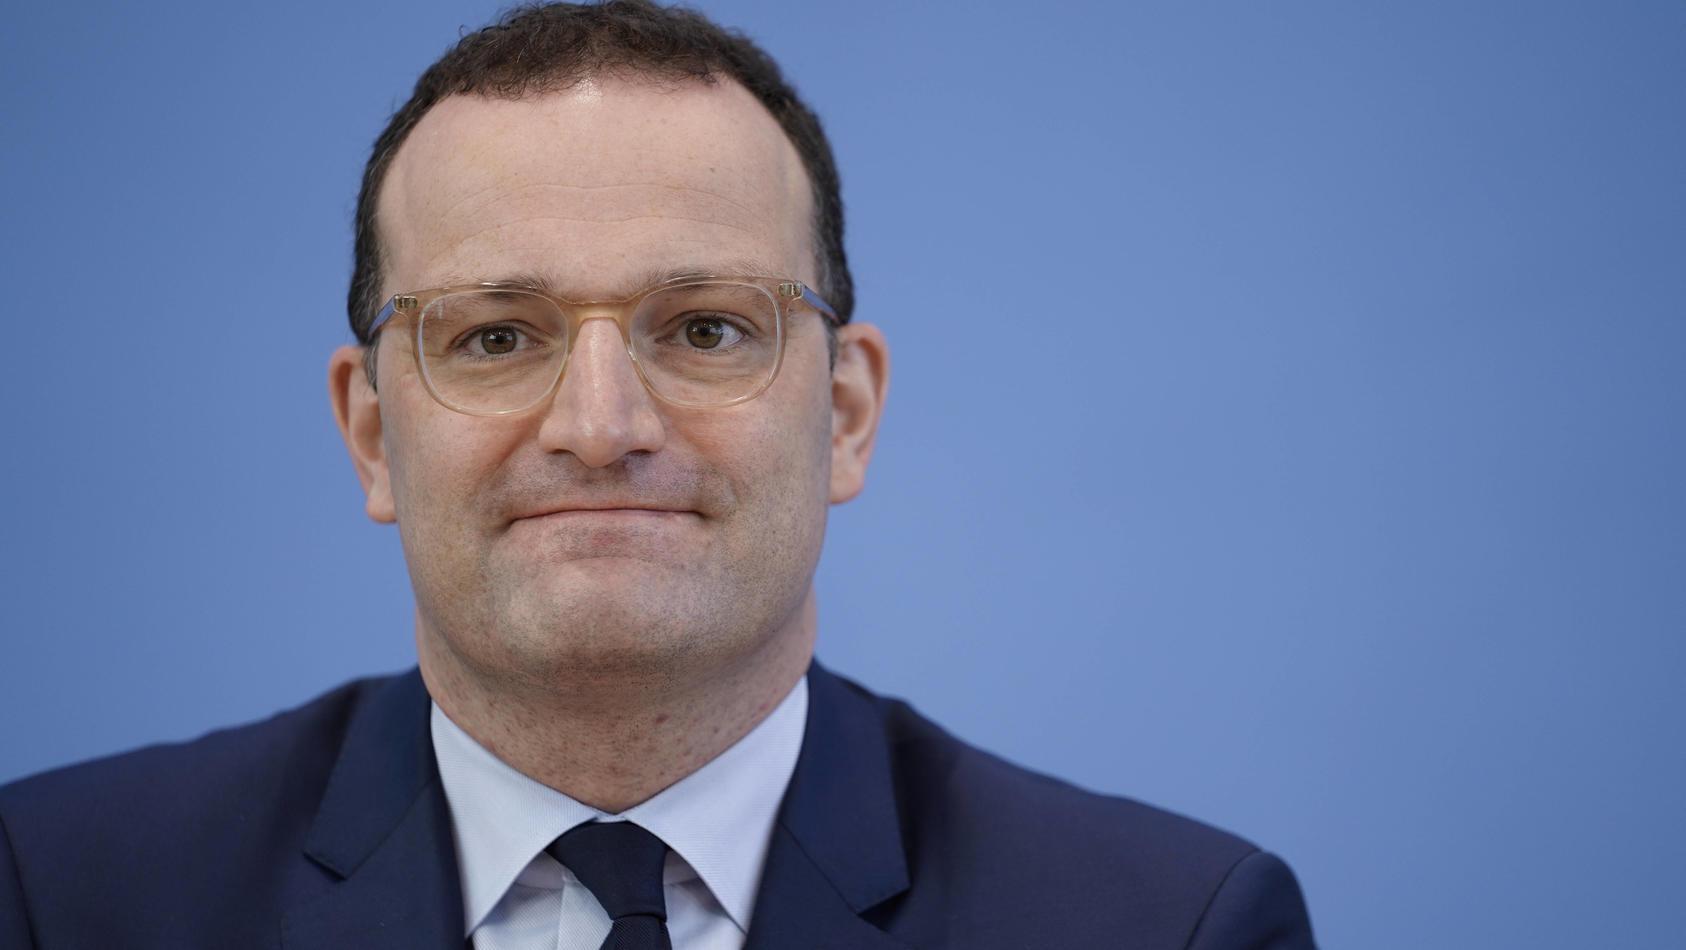 Jens Spahn prognostiziert Impfungen für Kinder ab 5 Jahren Anfang 2022.